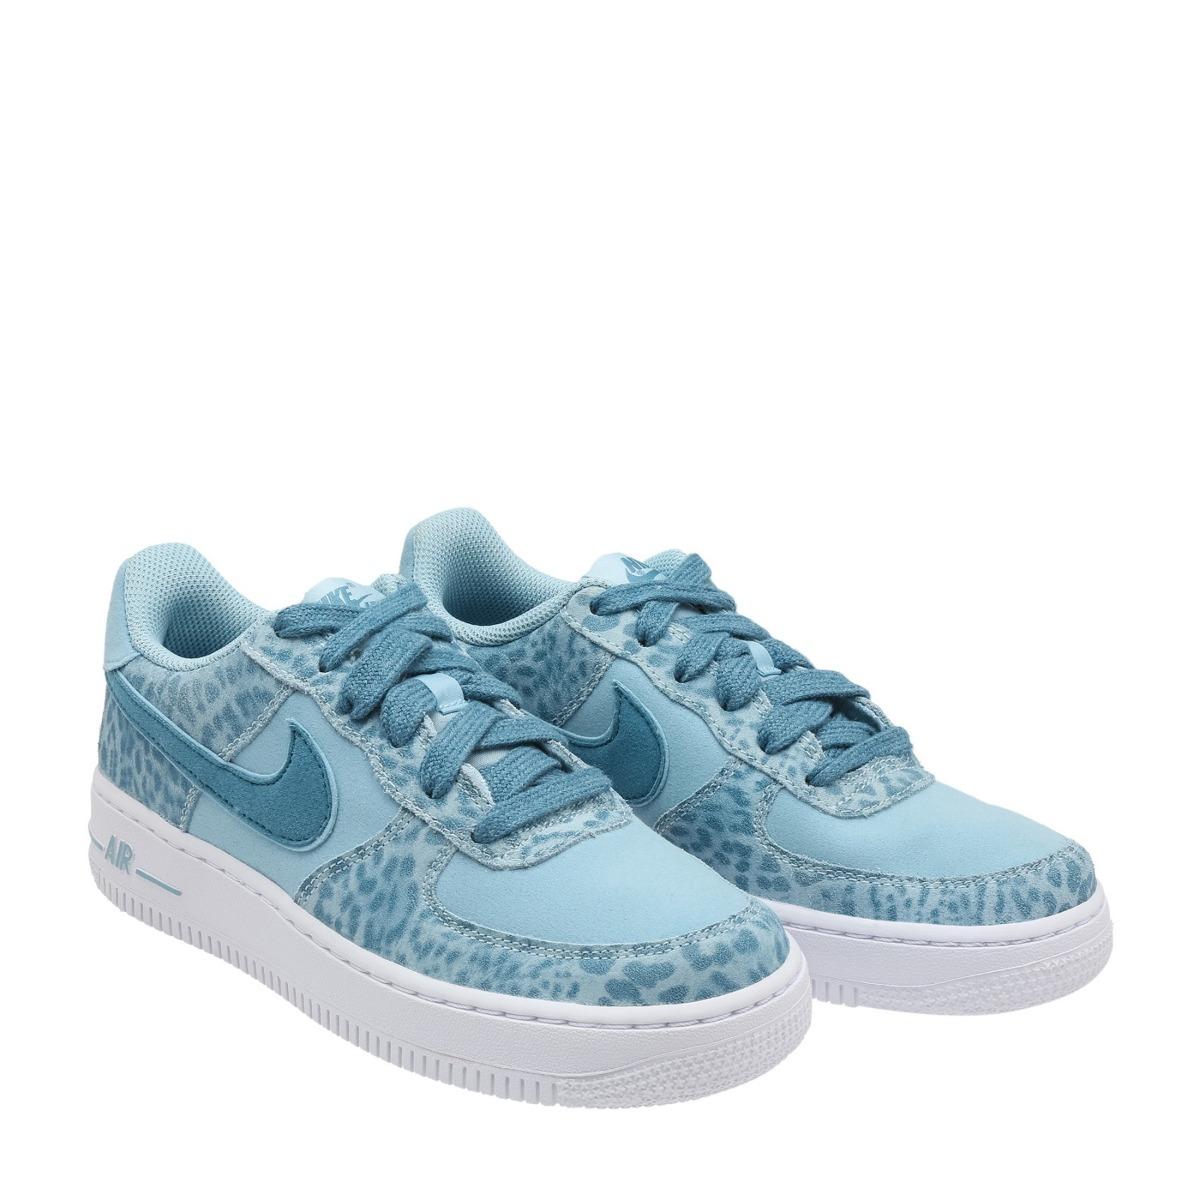 ebf3c9fdaee tênis nike air force 1 lv8 azul feminino casual original! Carregando zoom.